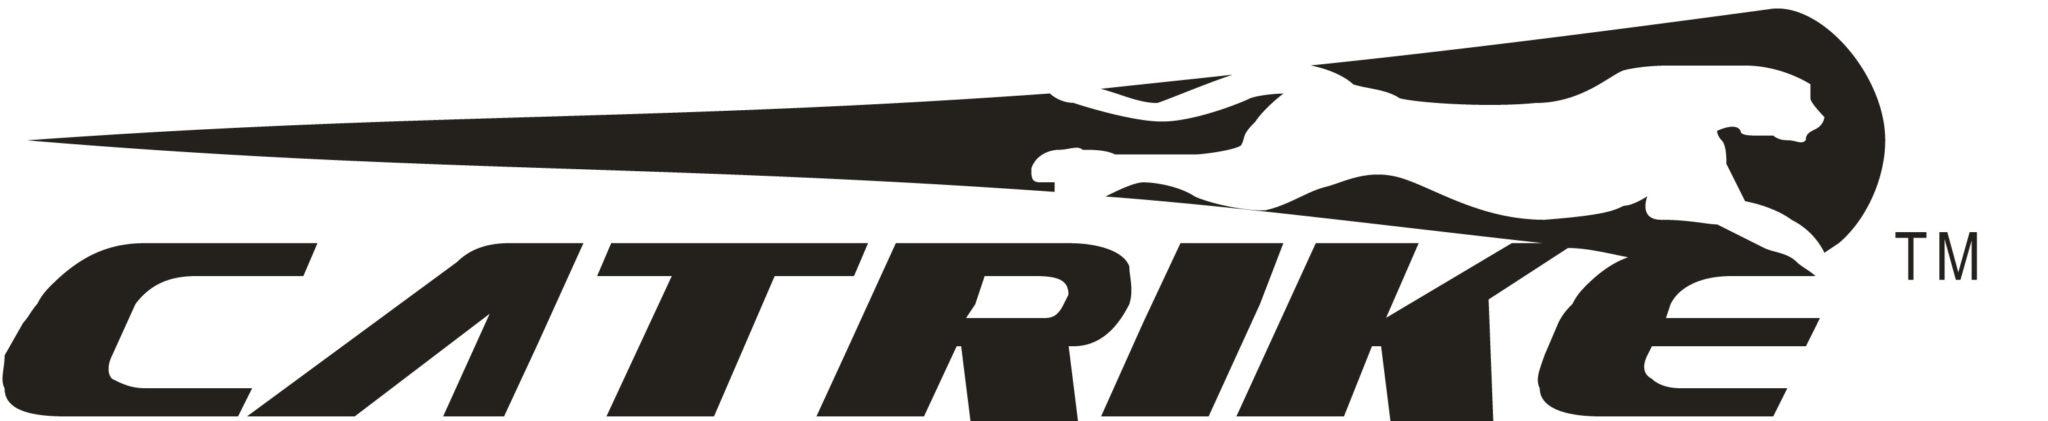 Image result for catrike logo